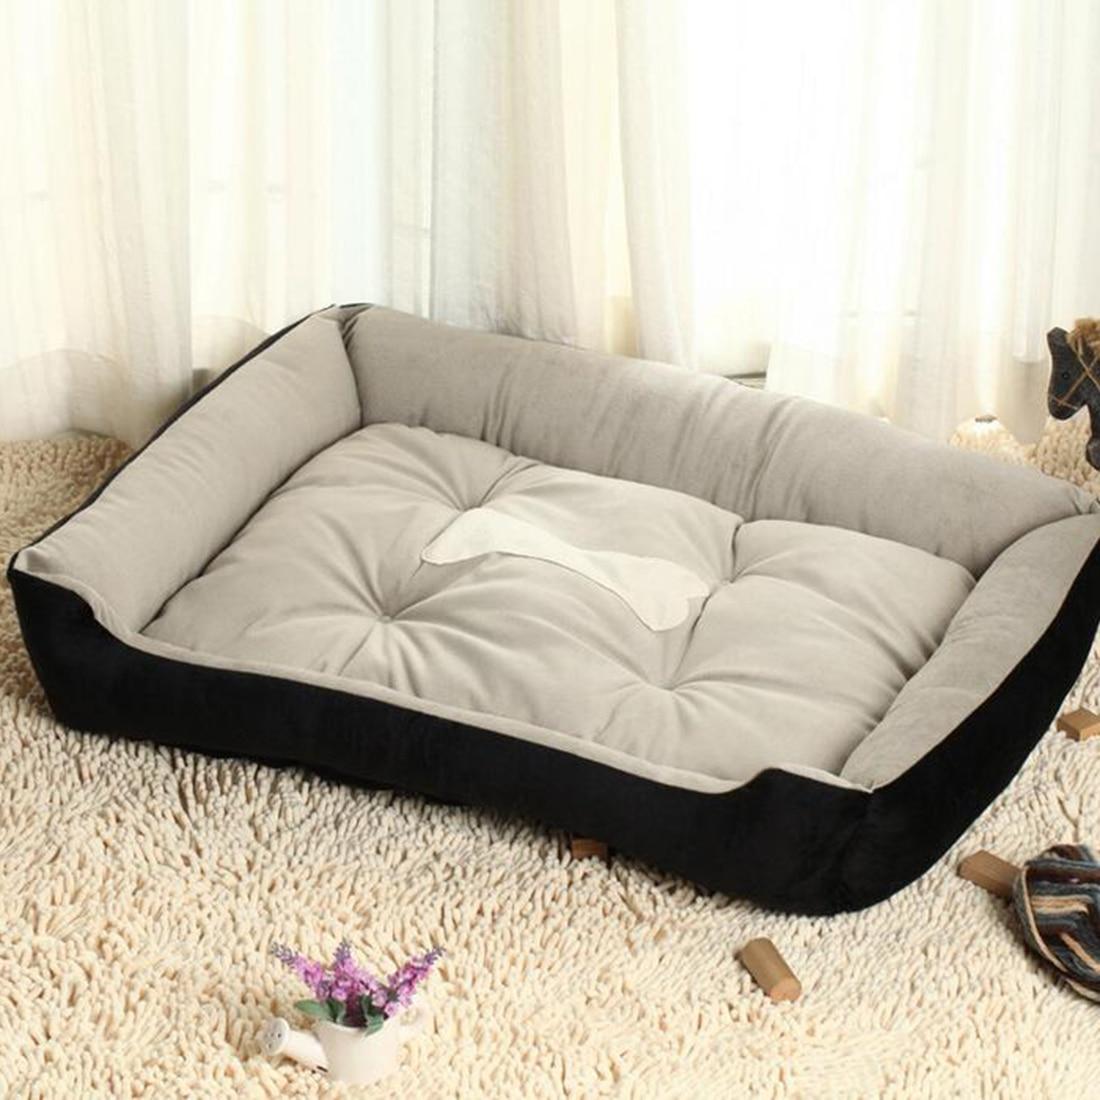 Soft Dog Beds Warm Lounger Sofa For Large Dog Golden